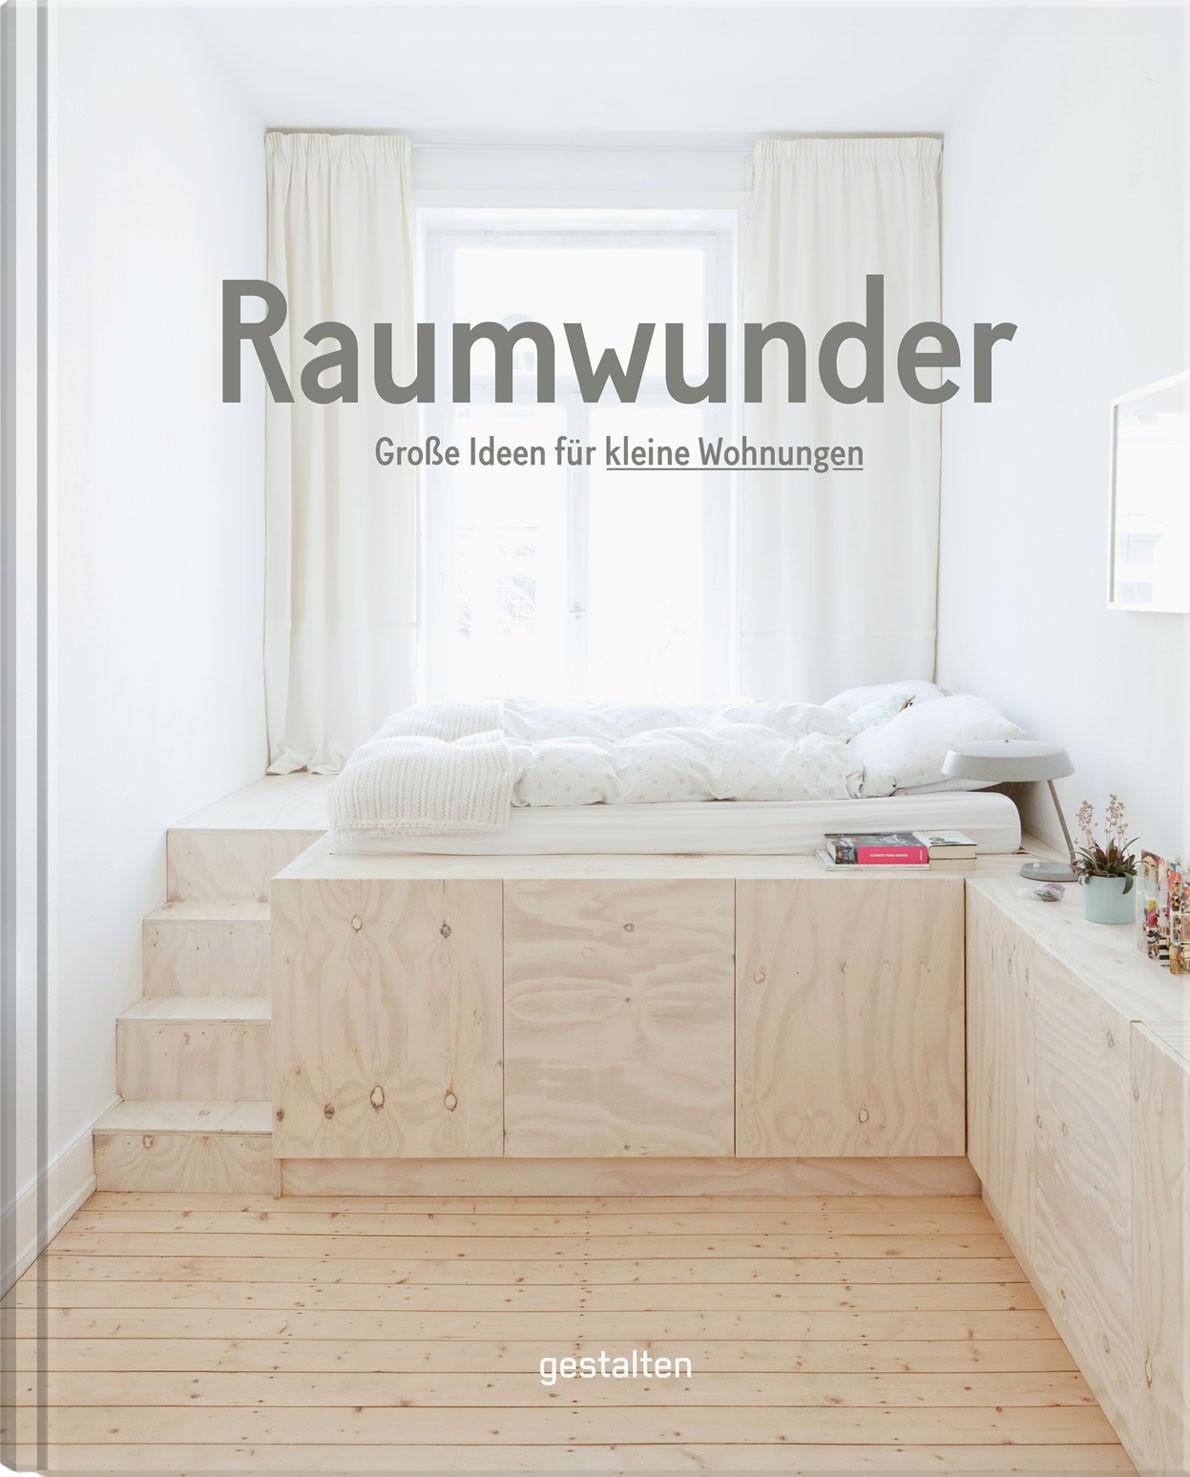 Raumwunder | Ideen für kleine Wohnungen